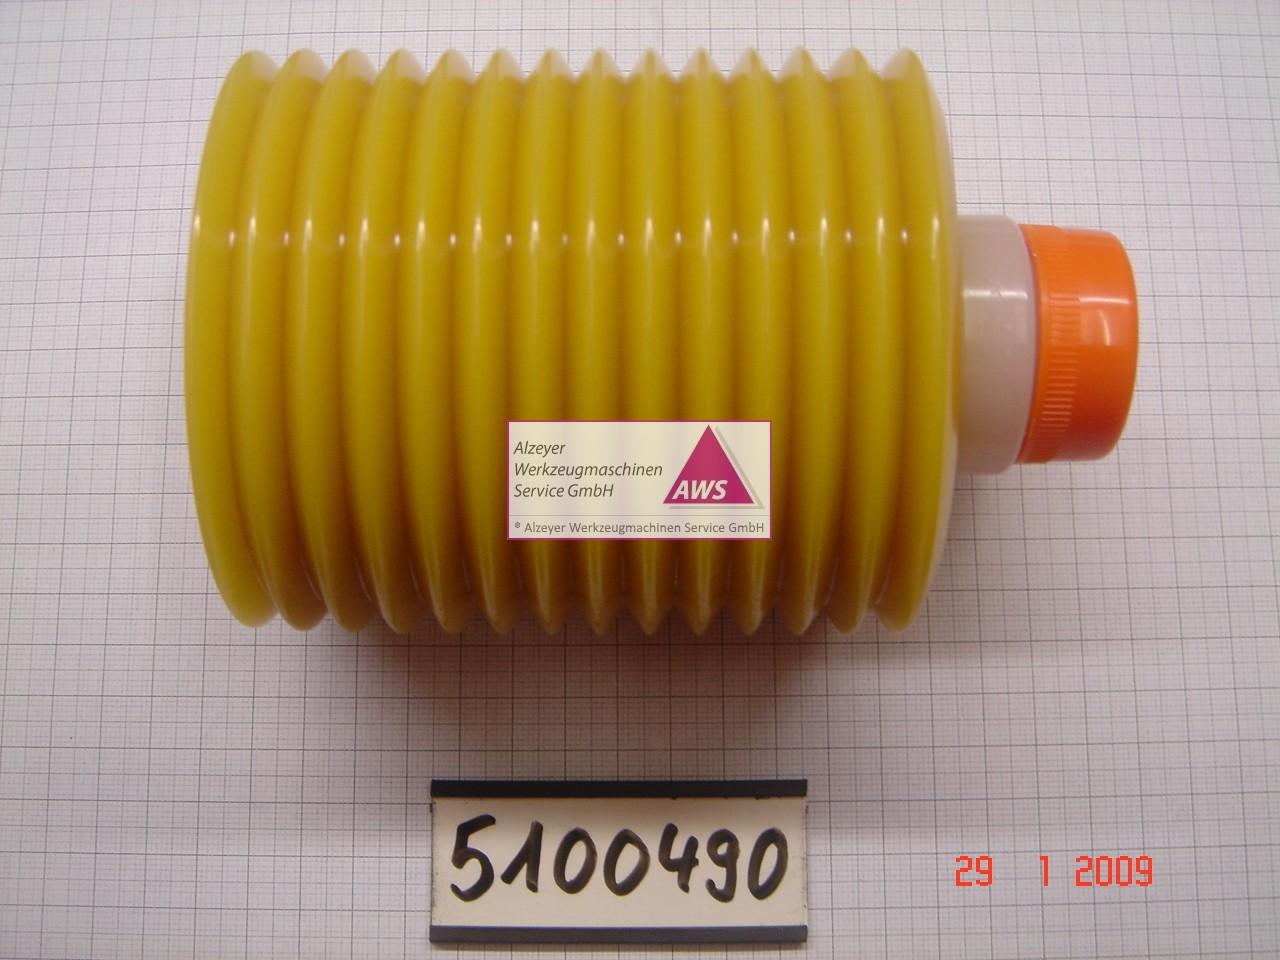 NS-2 Fett 700cc Kartusche